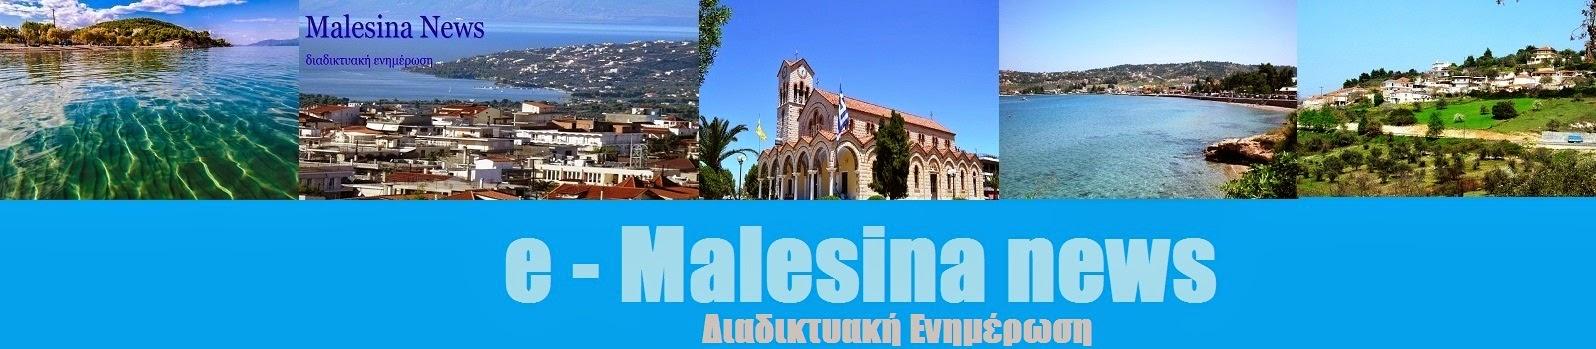 Malesina News